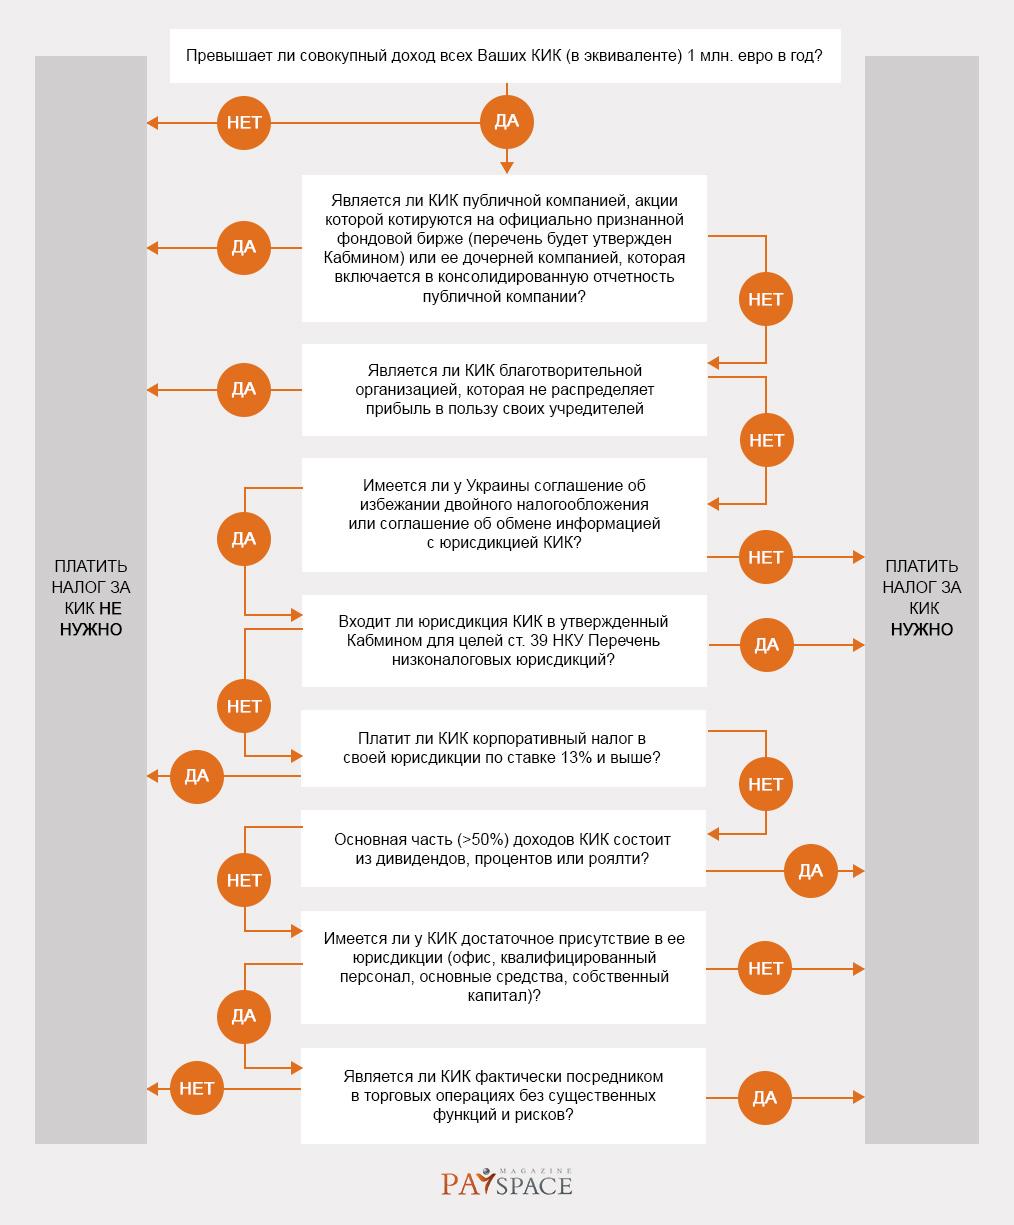 Деофшоризация в Украине